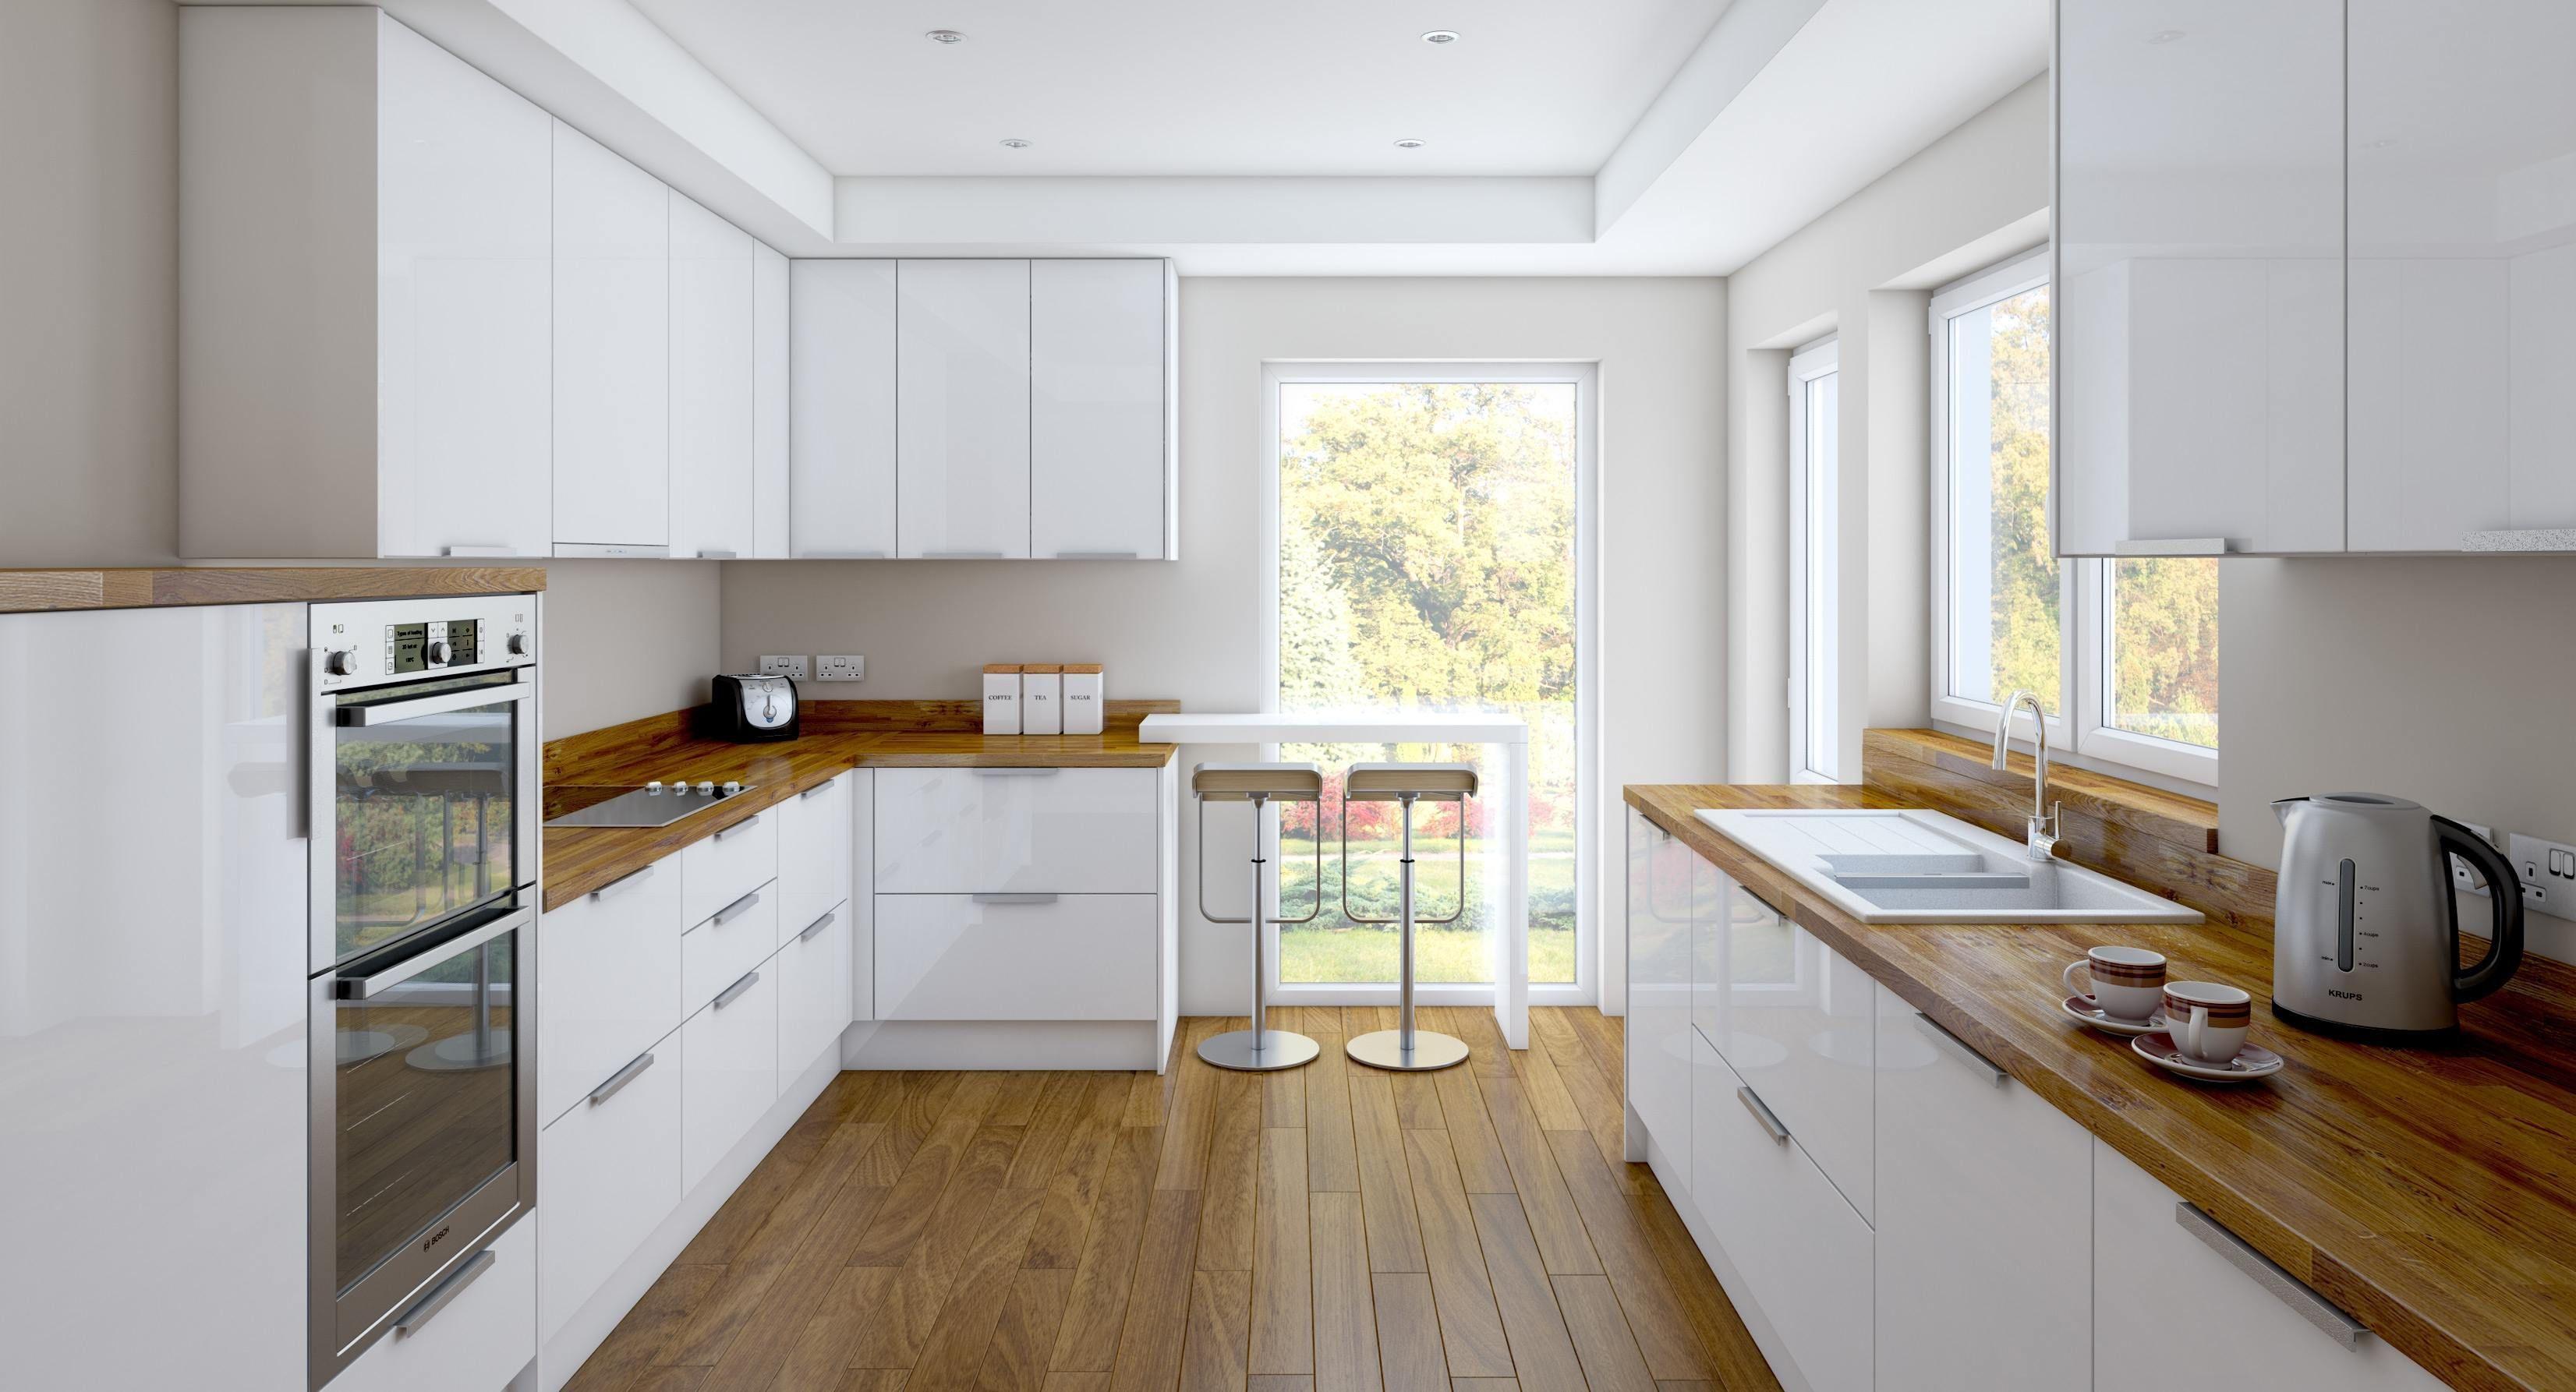 Mas De 100 Fotos Decoracion Cocinas Blancas Y Grises Modernas Catalogo Azulejos Cocina Blanca Y Madera Decoracion De Cocina Decoracion De Cocina Moderna